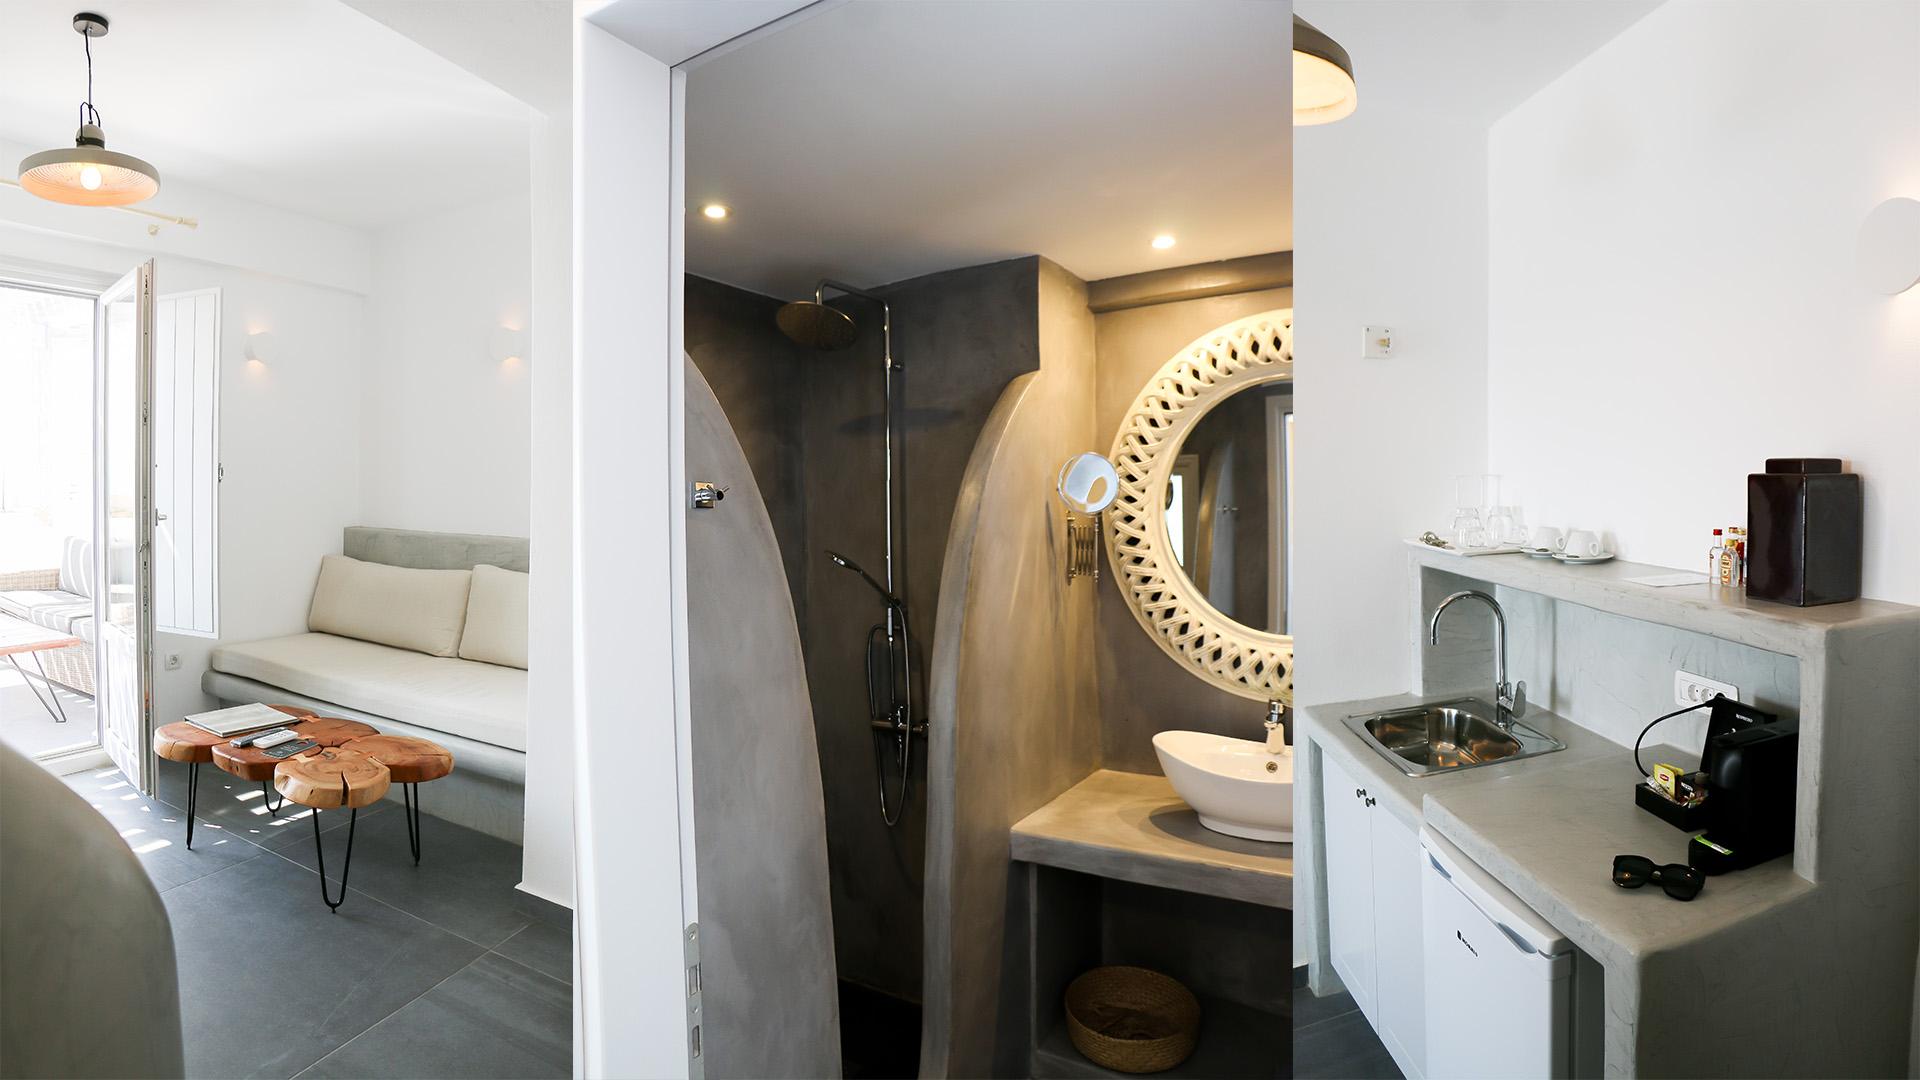 hotel-oia-elitoz-suite-santorin-avis-luxe-voyage-grèce-chambre